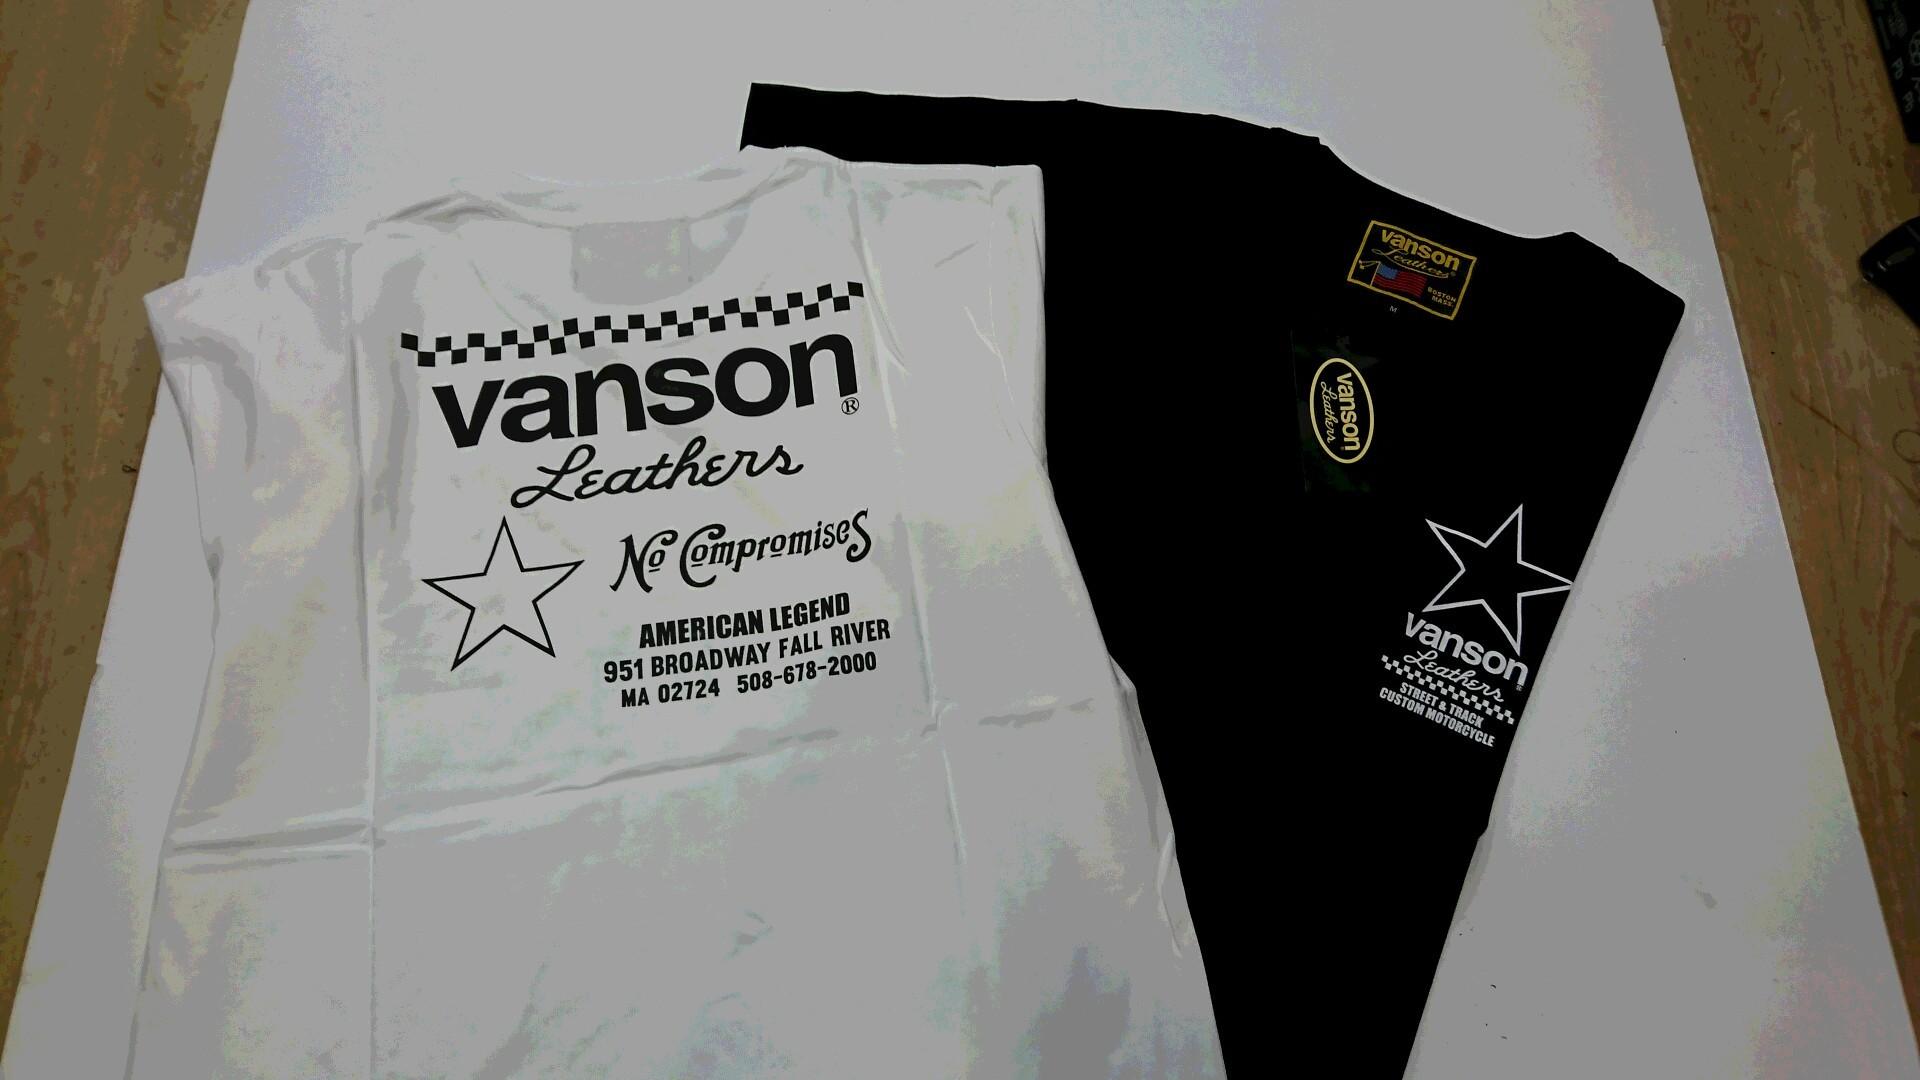 高松店限定 VANSON Tシャツプレゼント!_b0163075_17393795.jpg